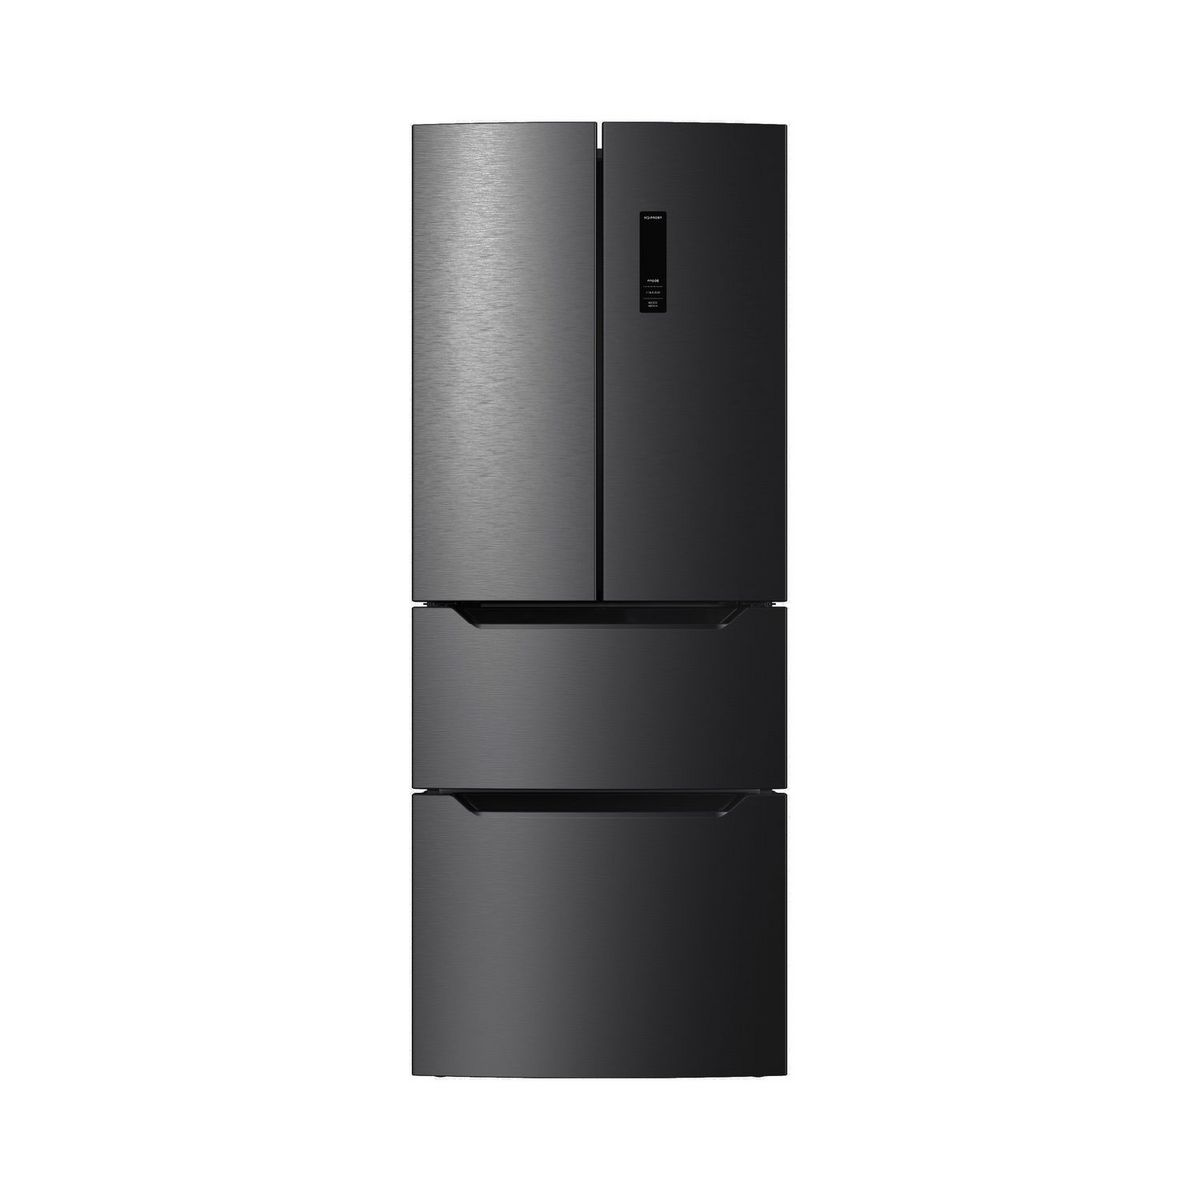 Réfrigérateur multi portes 155484, 298 L, Froid no Frost